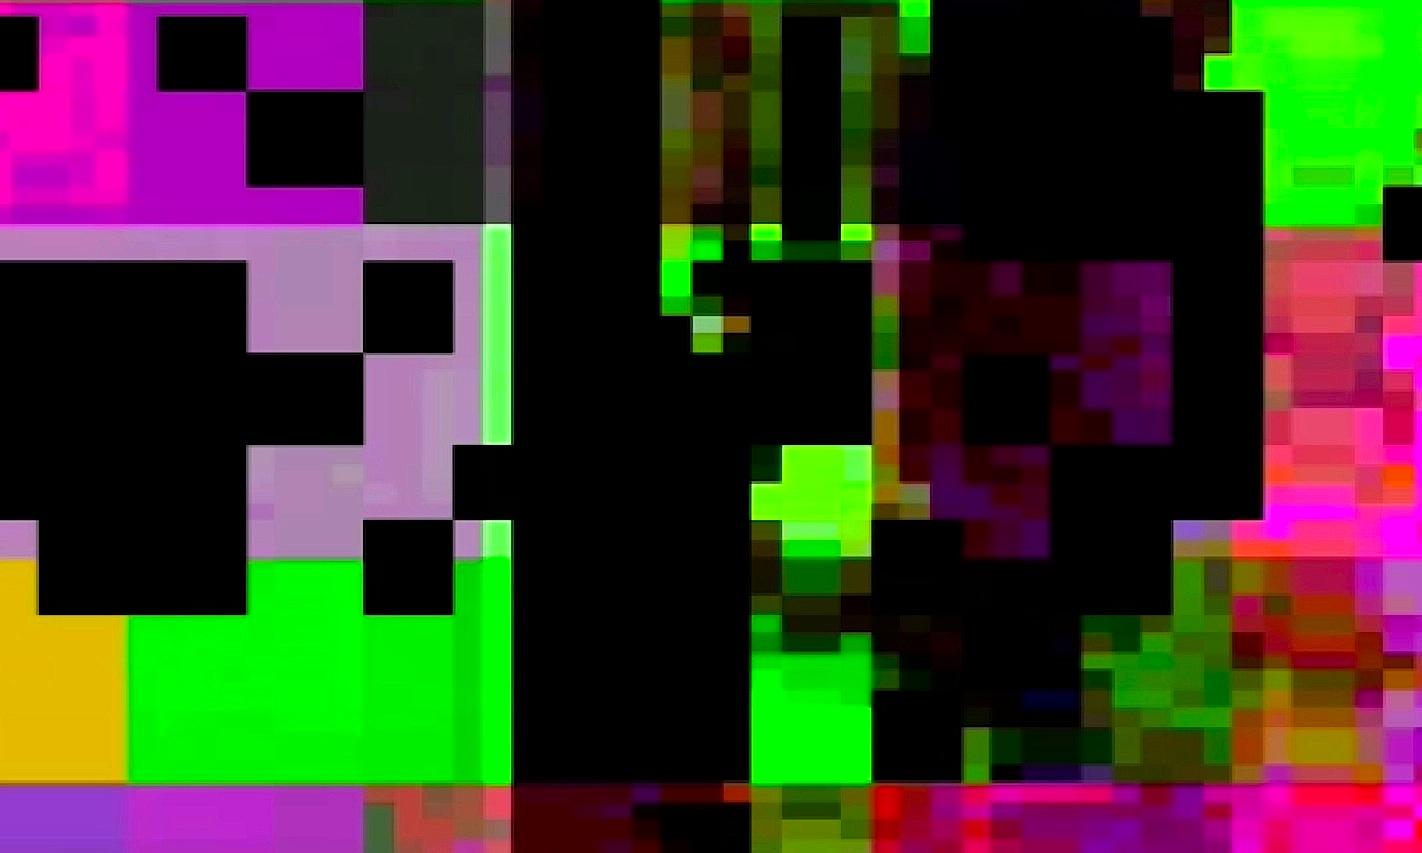 pixelnoise_2